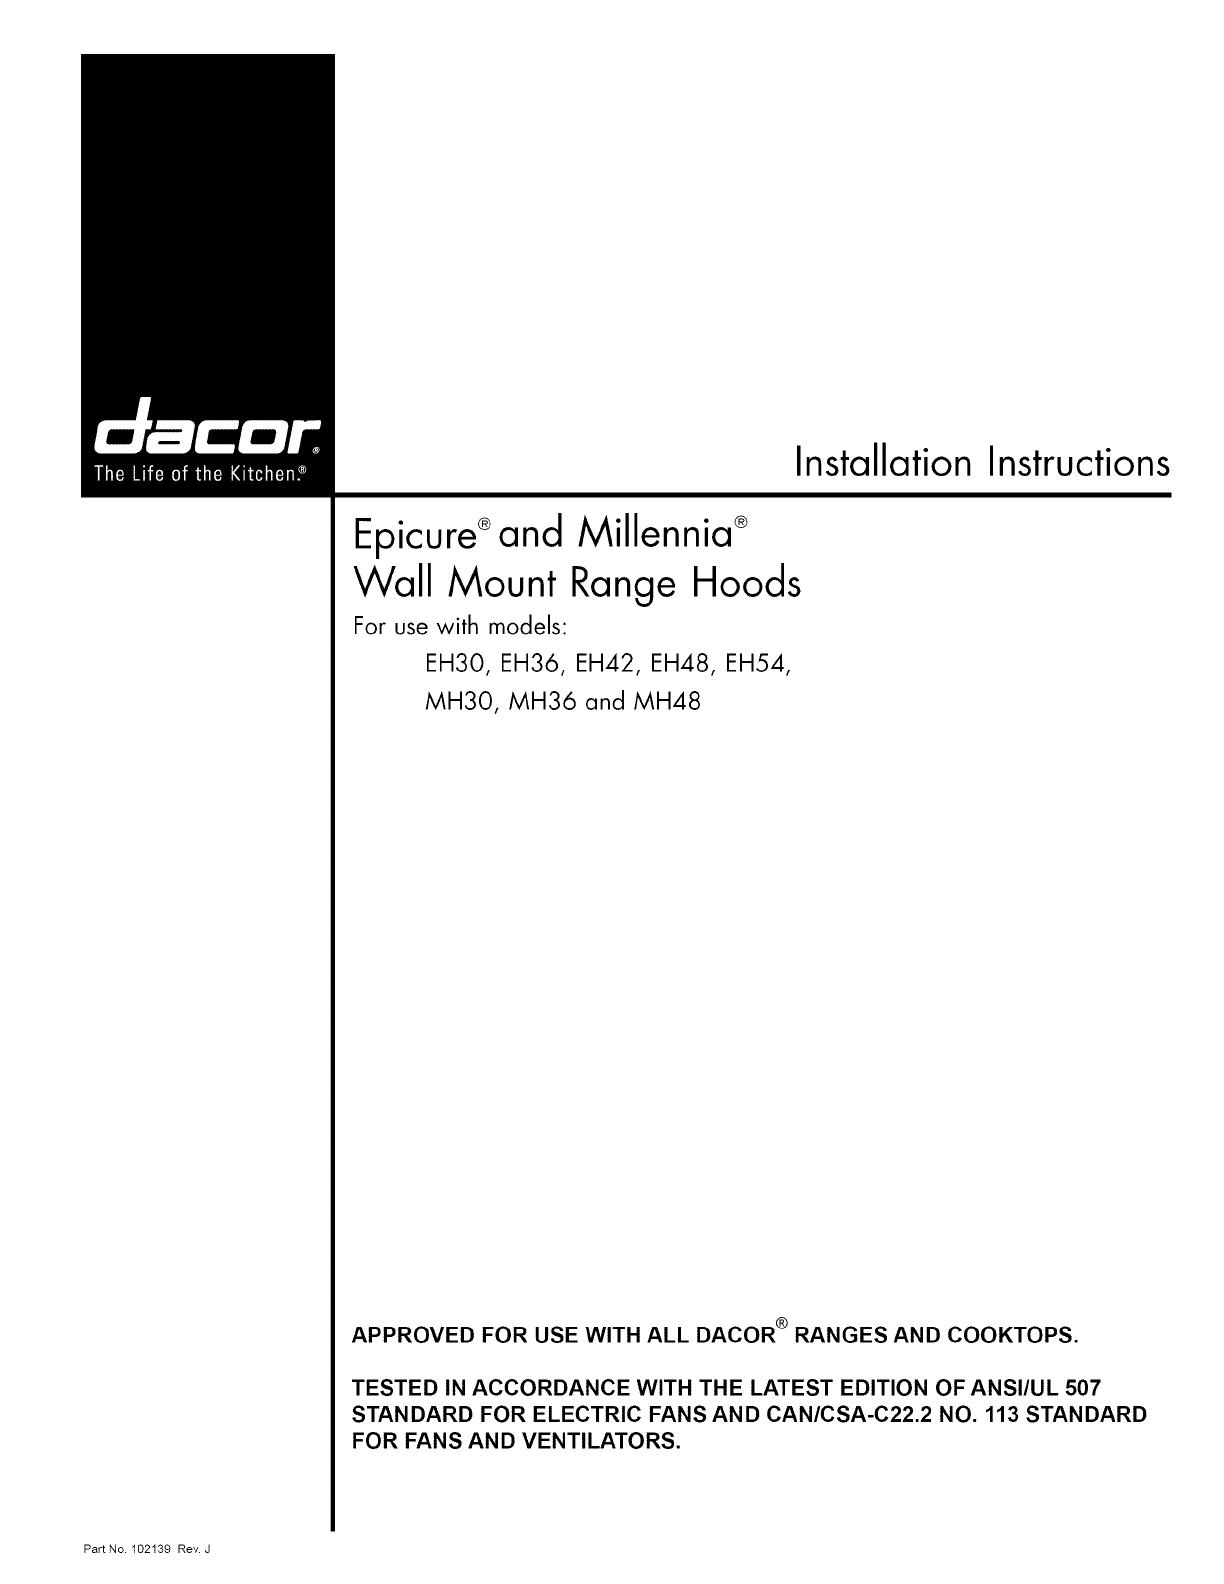 dacor eh3618sch user manual range hood manuals and guides 1102319l rh usermanual wiki Dacor Range Hood Filters Dacor Kitchen Hood